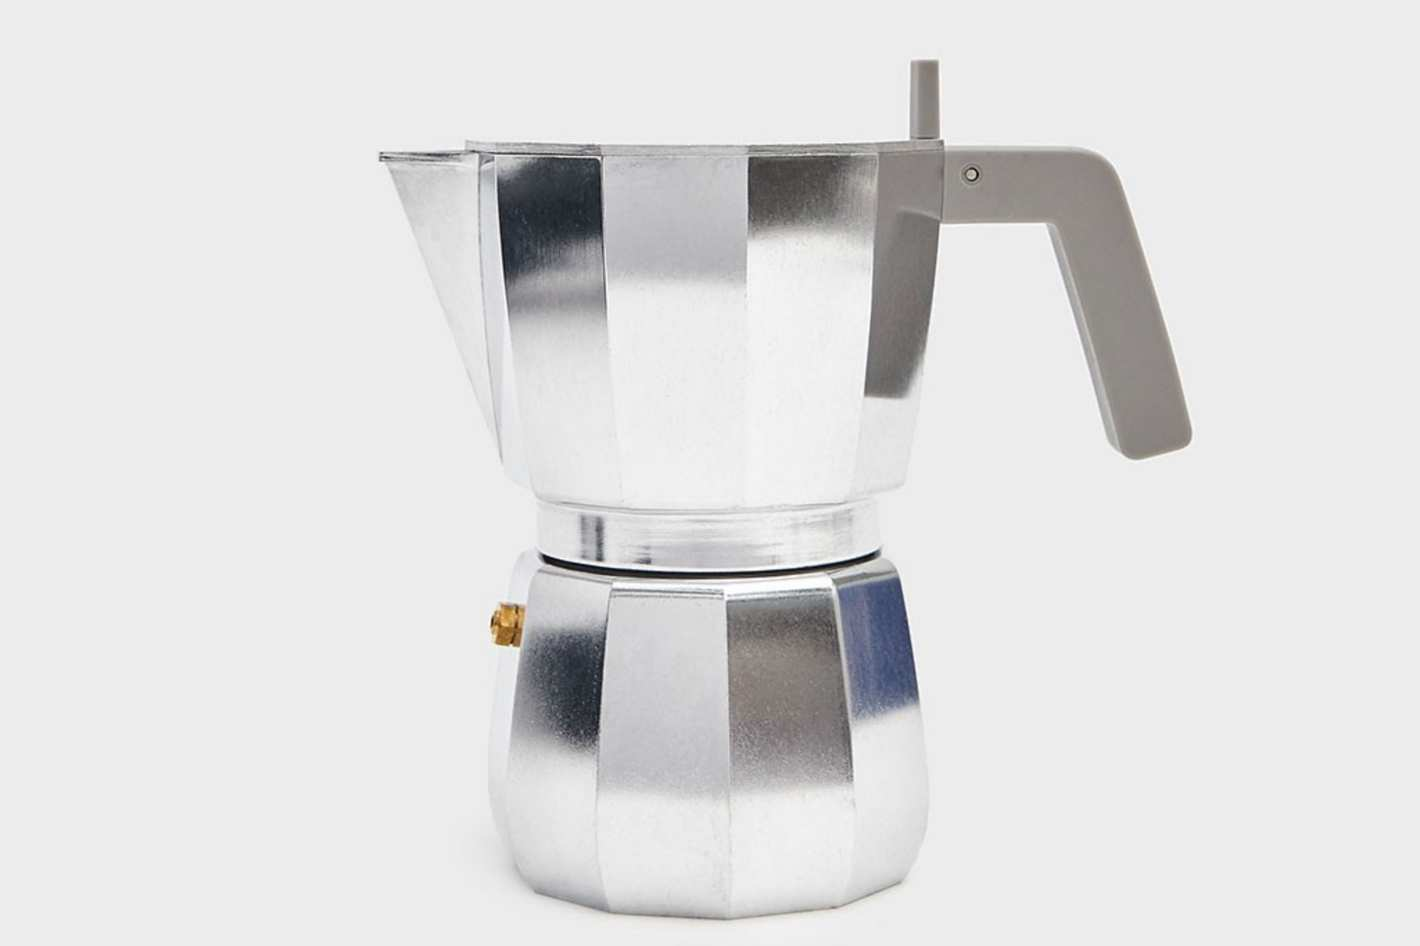 Alessi 6 Cup Moka Espresso Coffee Maker